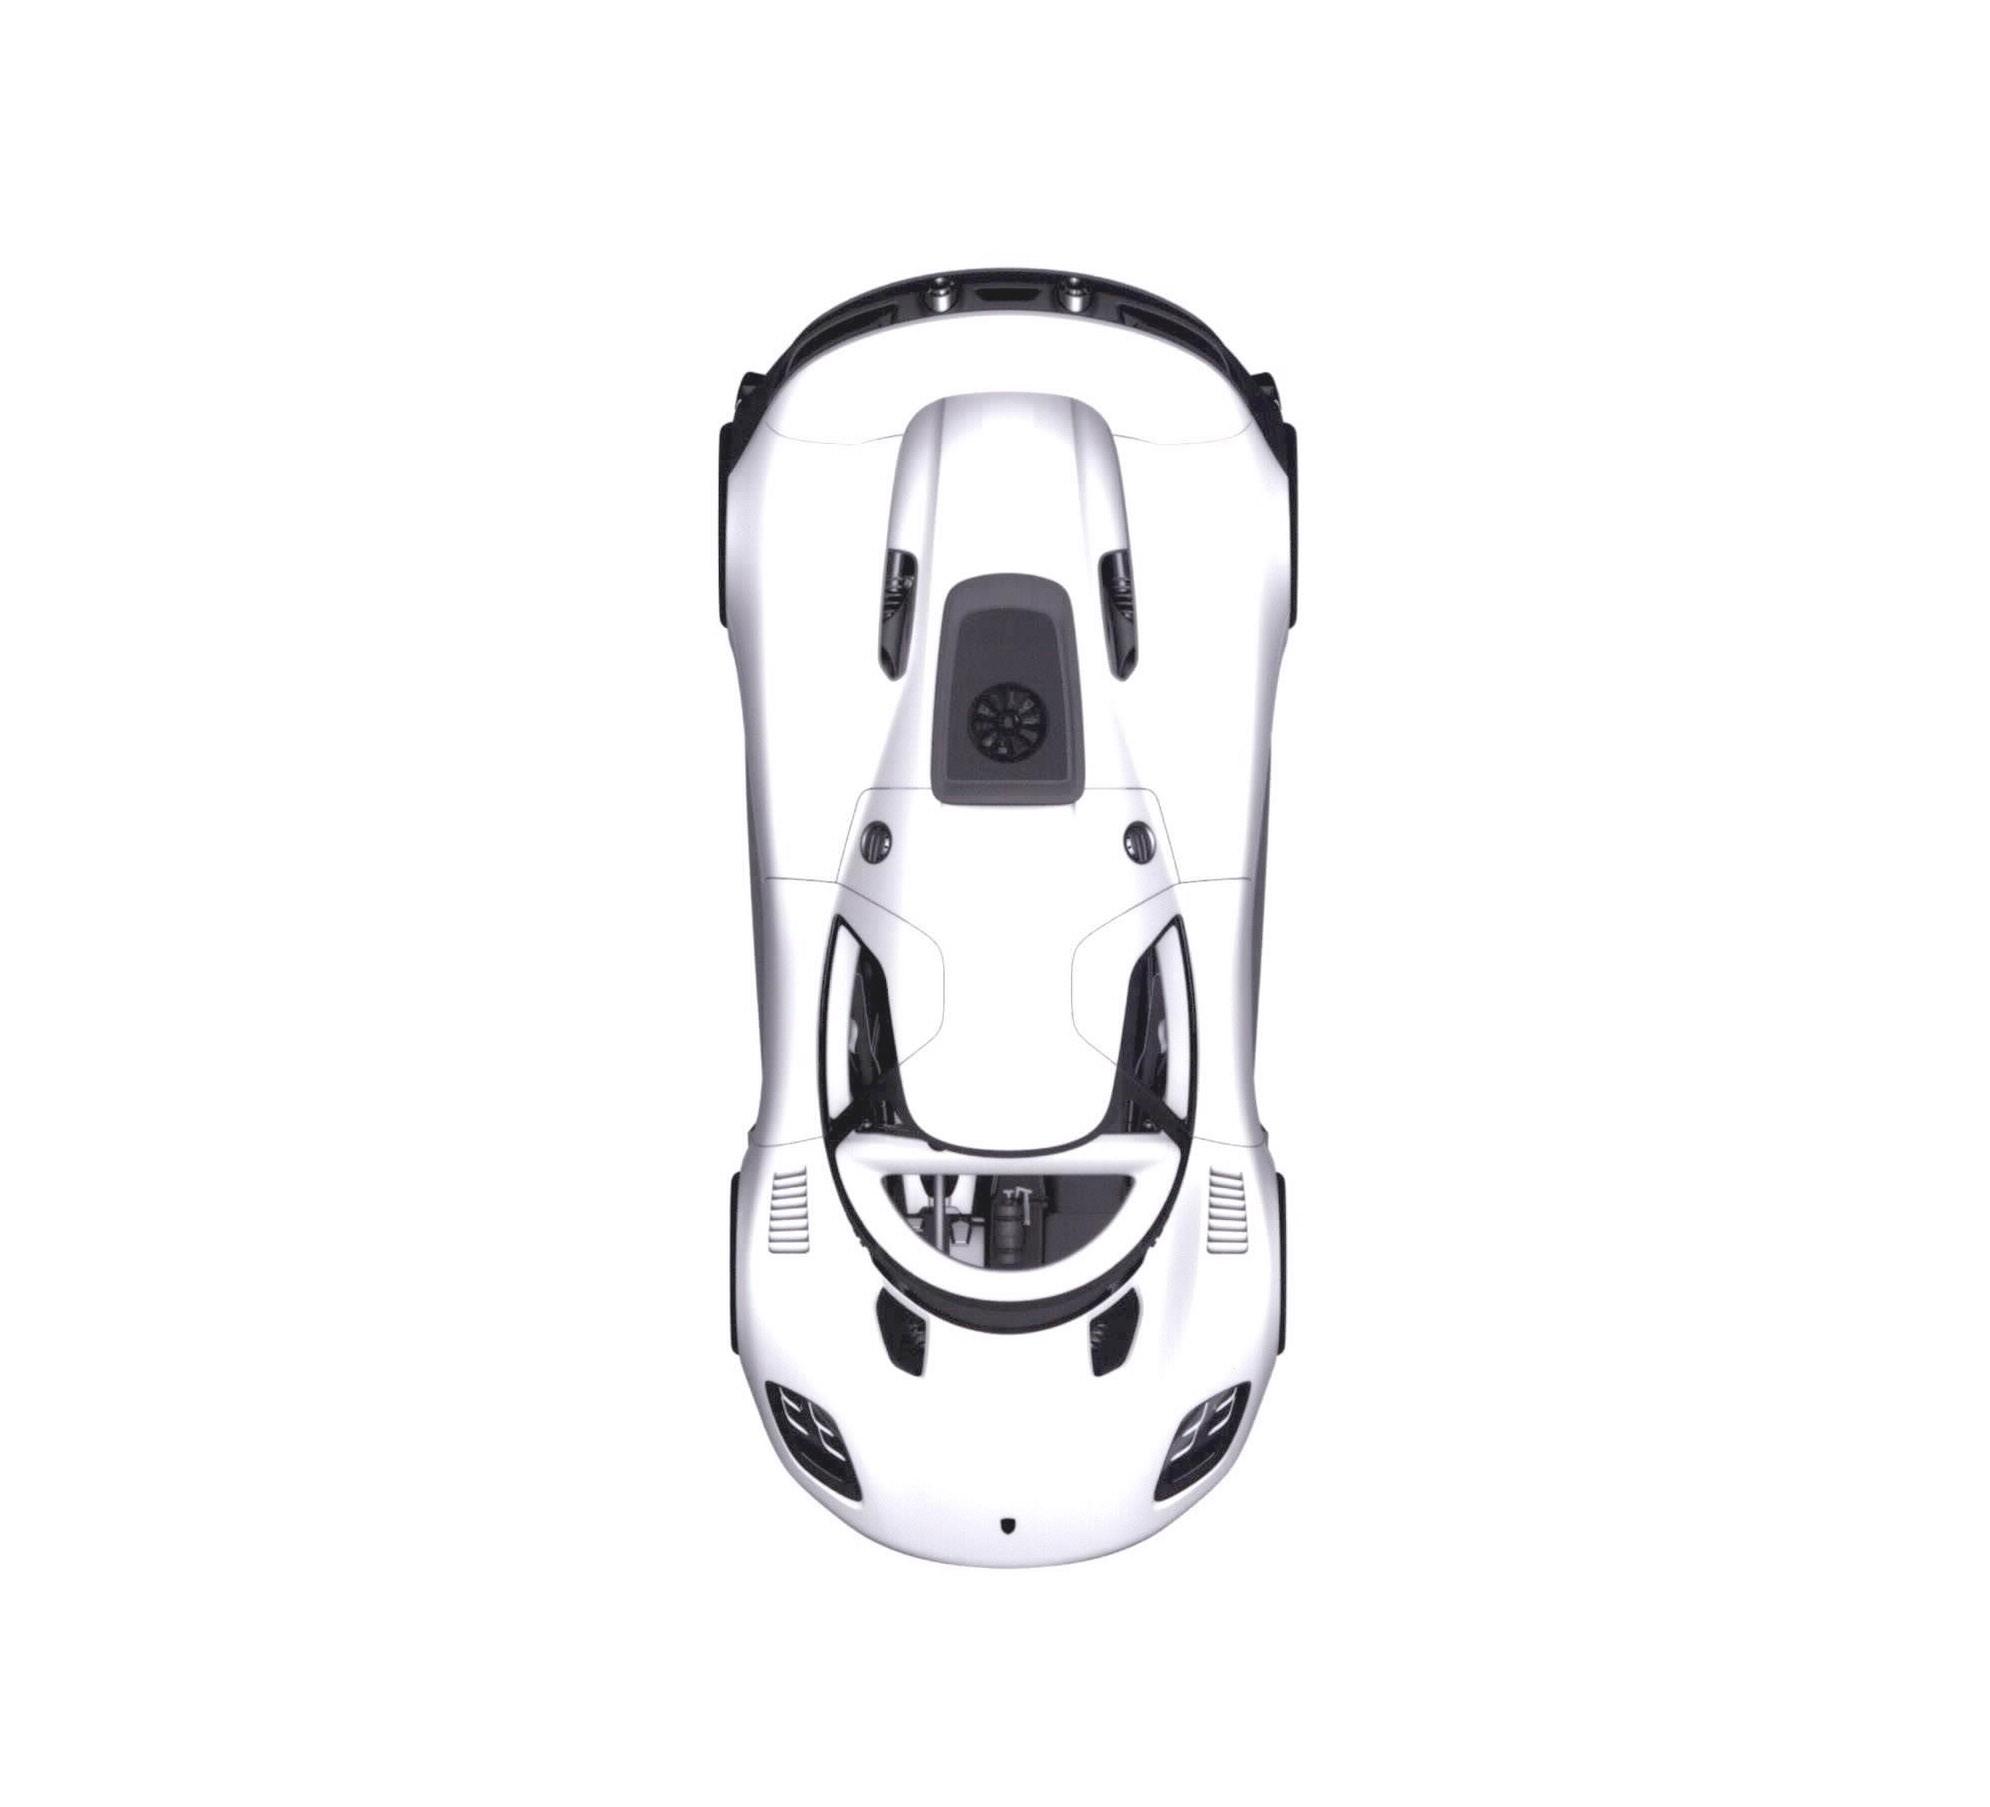 Porsche-918-Spyder-Successor-Patent-Images-10